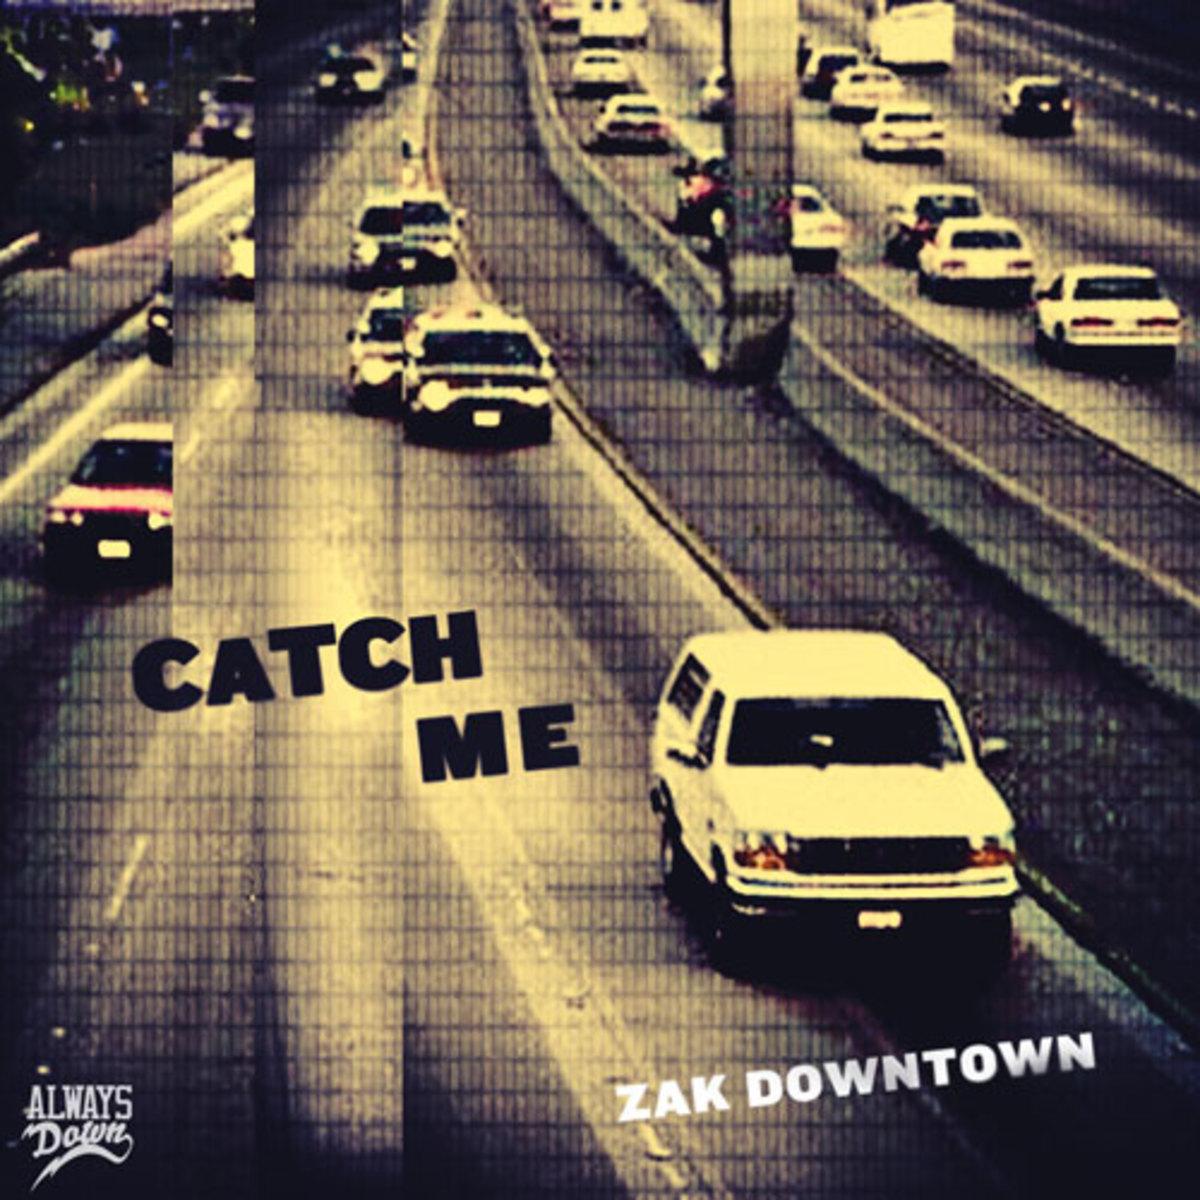 zakdowntown-catchme.jpg